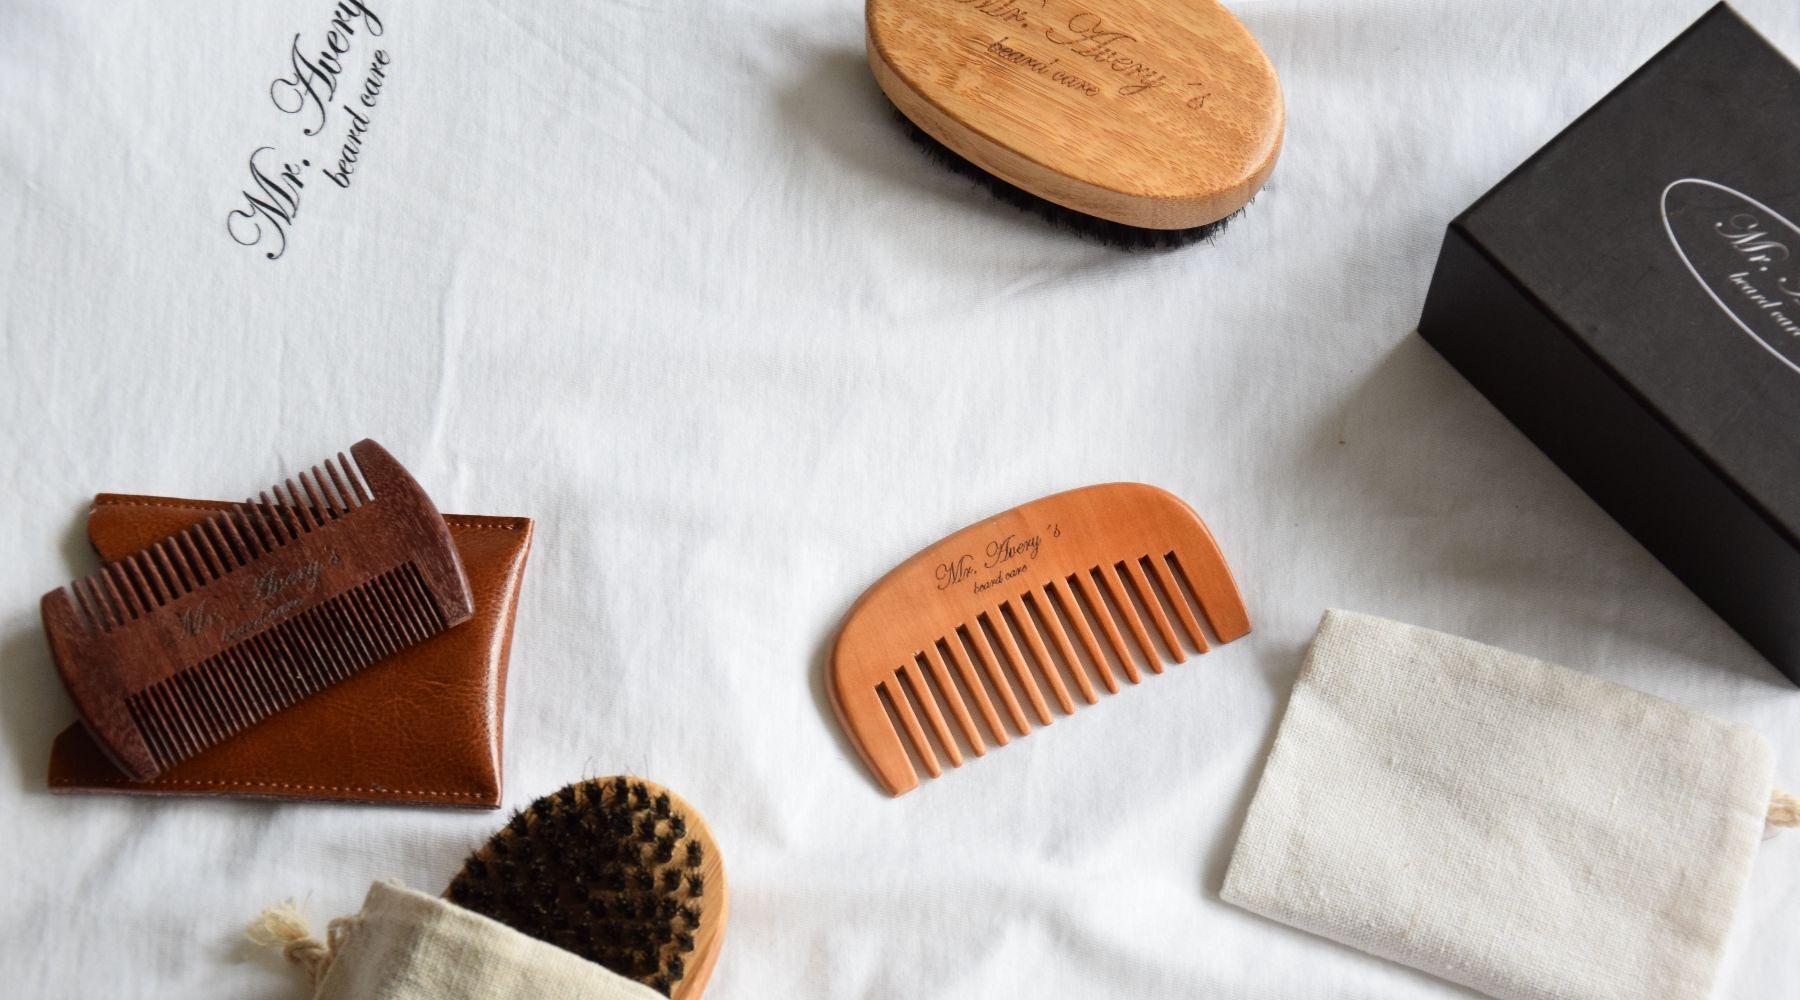 Mr-Averys Bartpflege Produkte, Bartkamm, Bartbürste